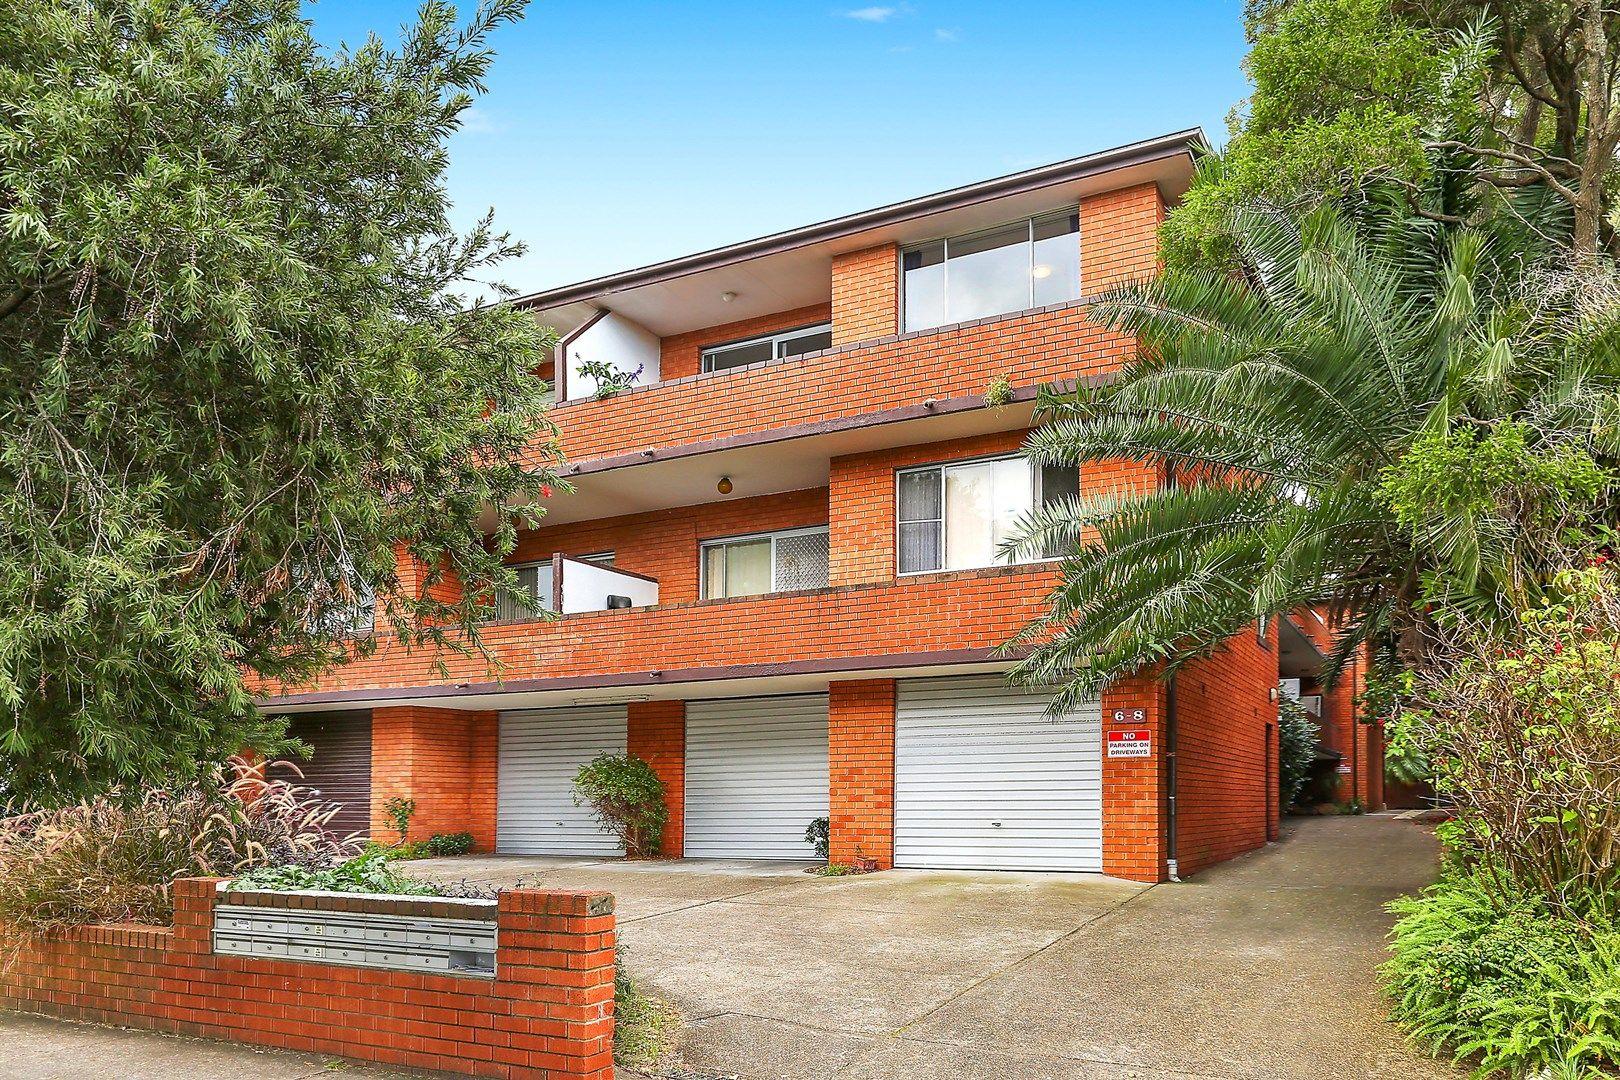 3/6-8 Monomeeth Street, Bexley NSW 2207, Image 0